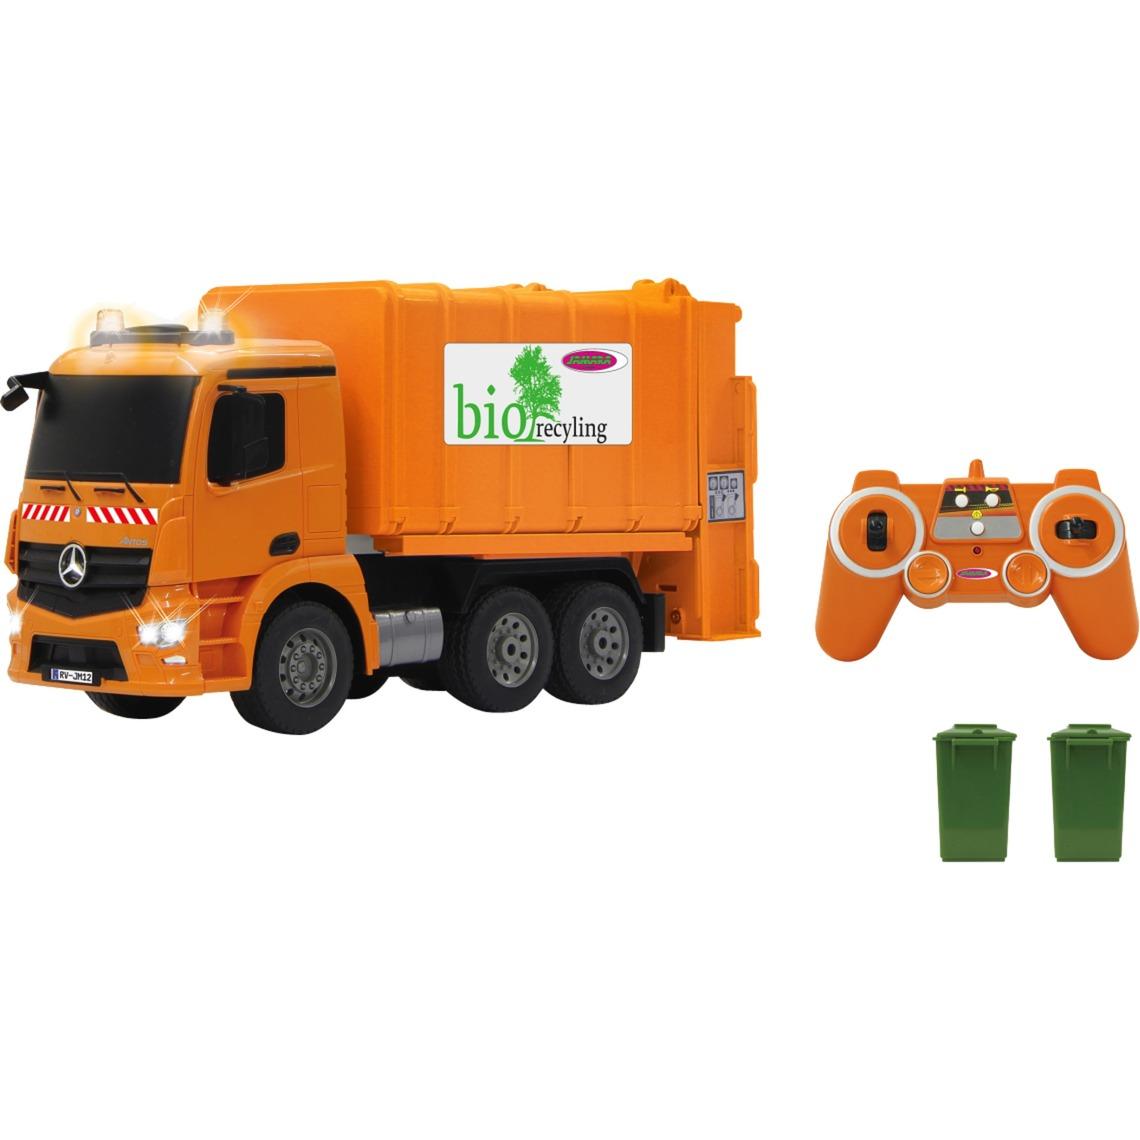 405079 Camión de la basura Motor eléctrico 1:20 vehículo de tierra por radio control (RC), Radiocontrol